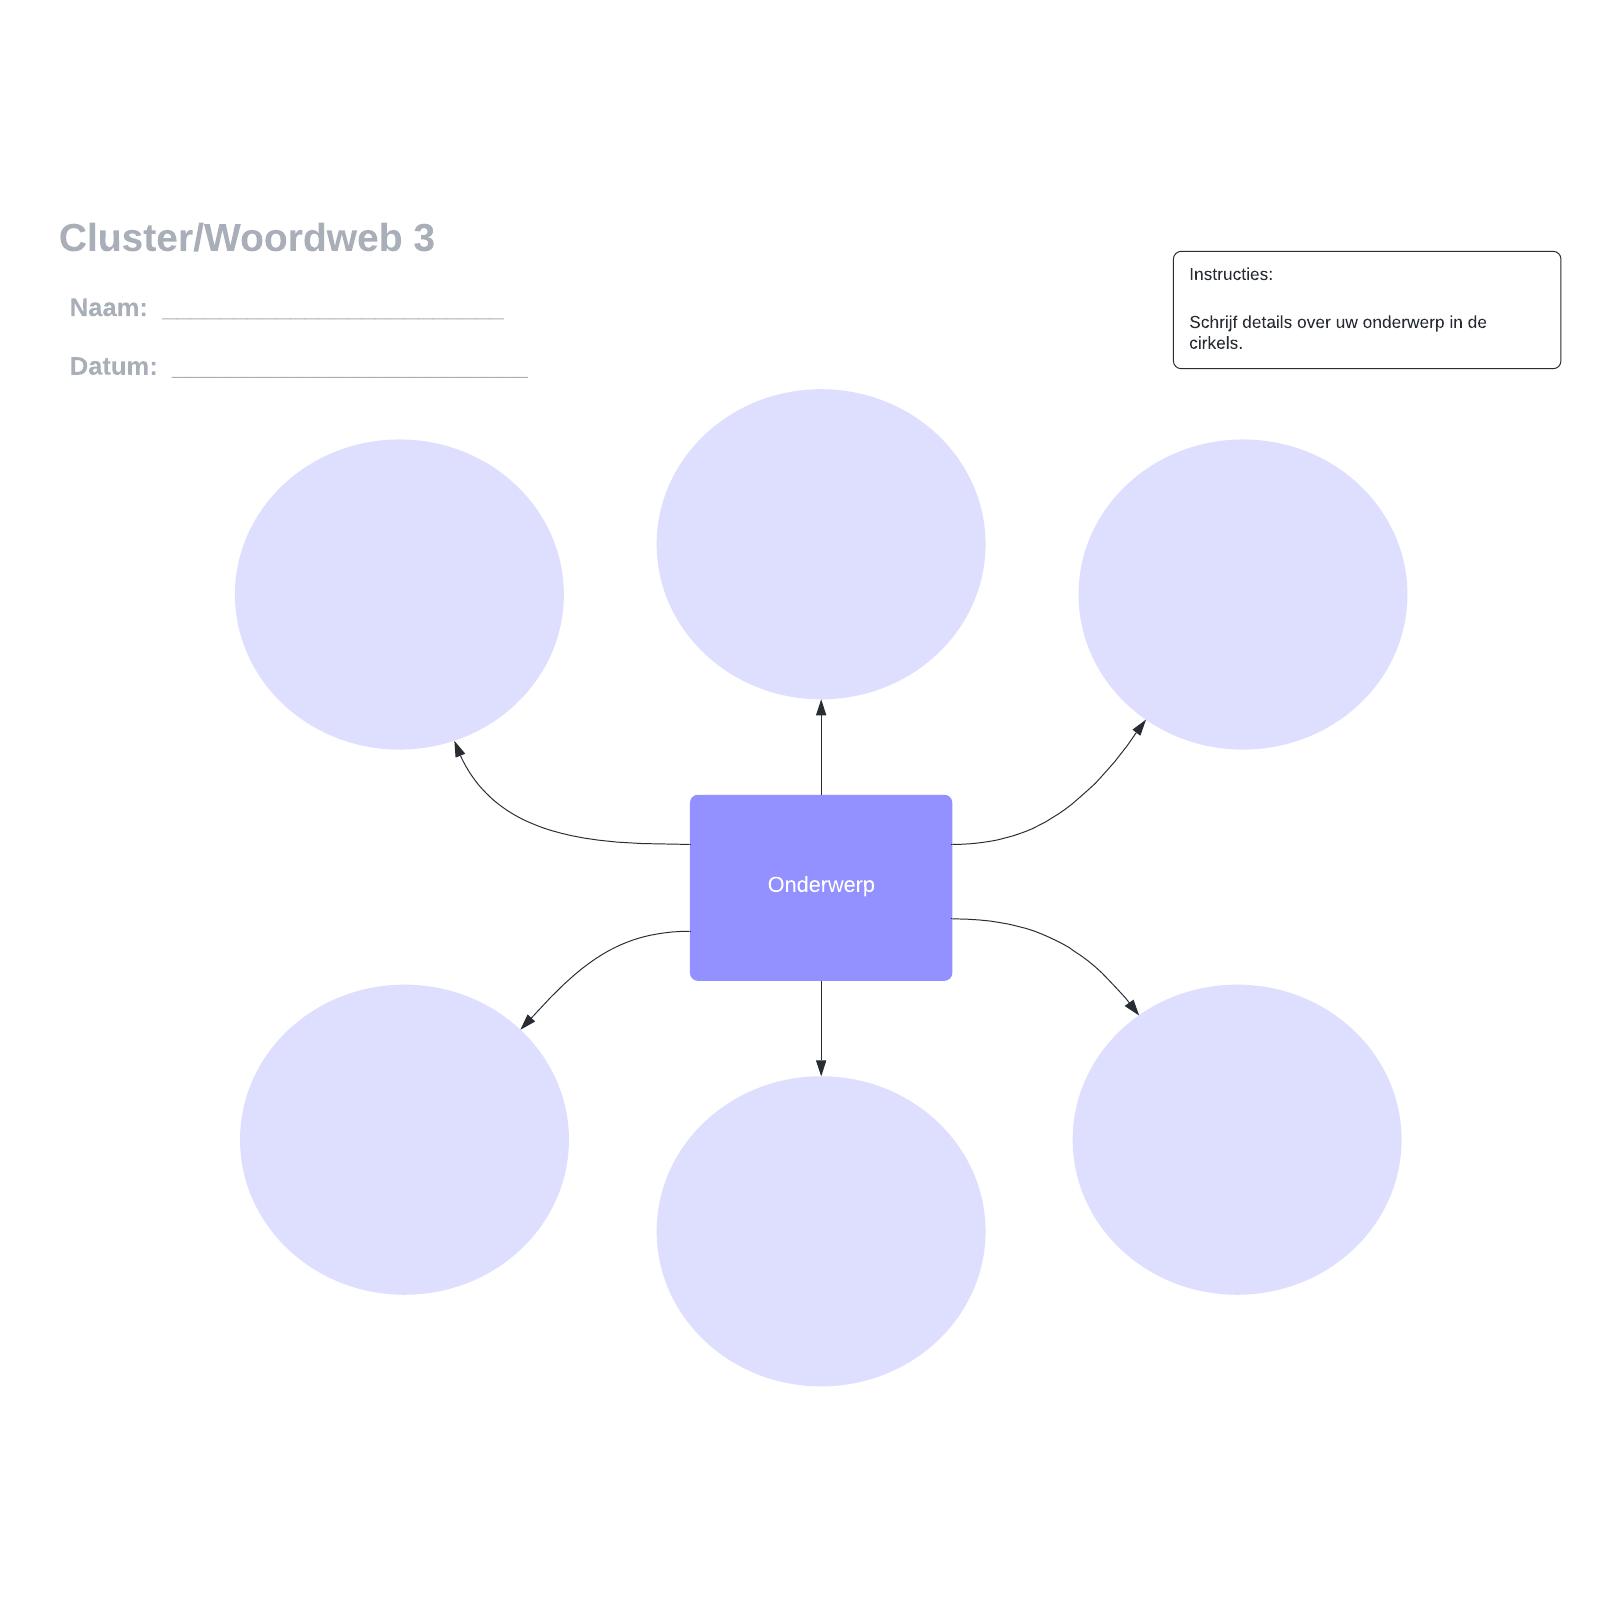 Cluster/Woordweb 3